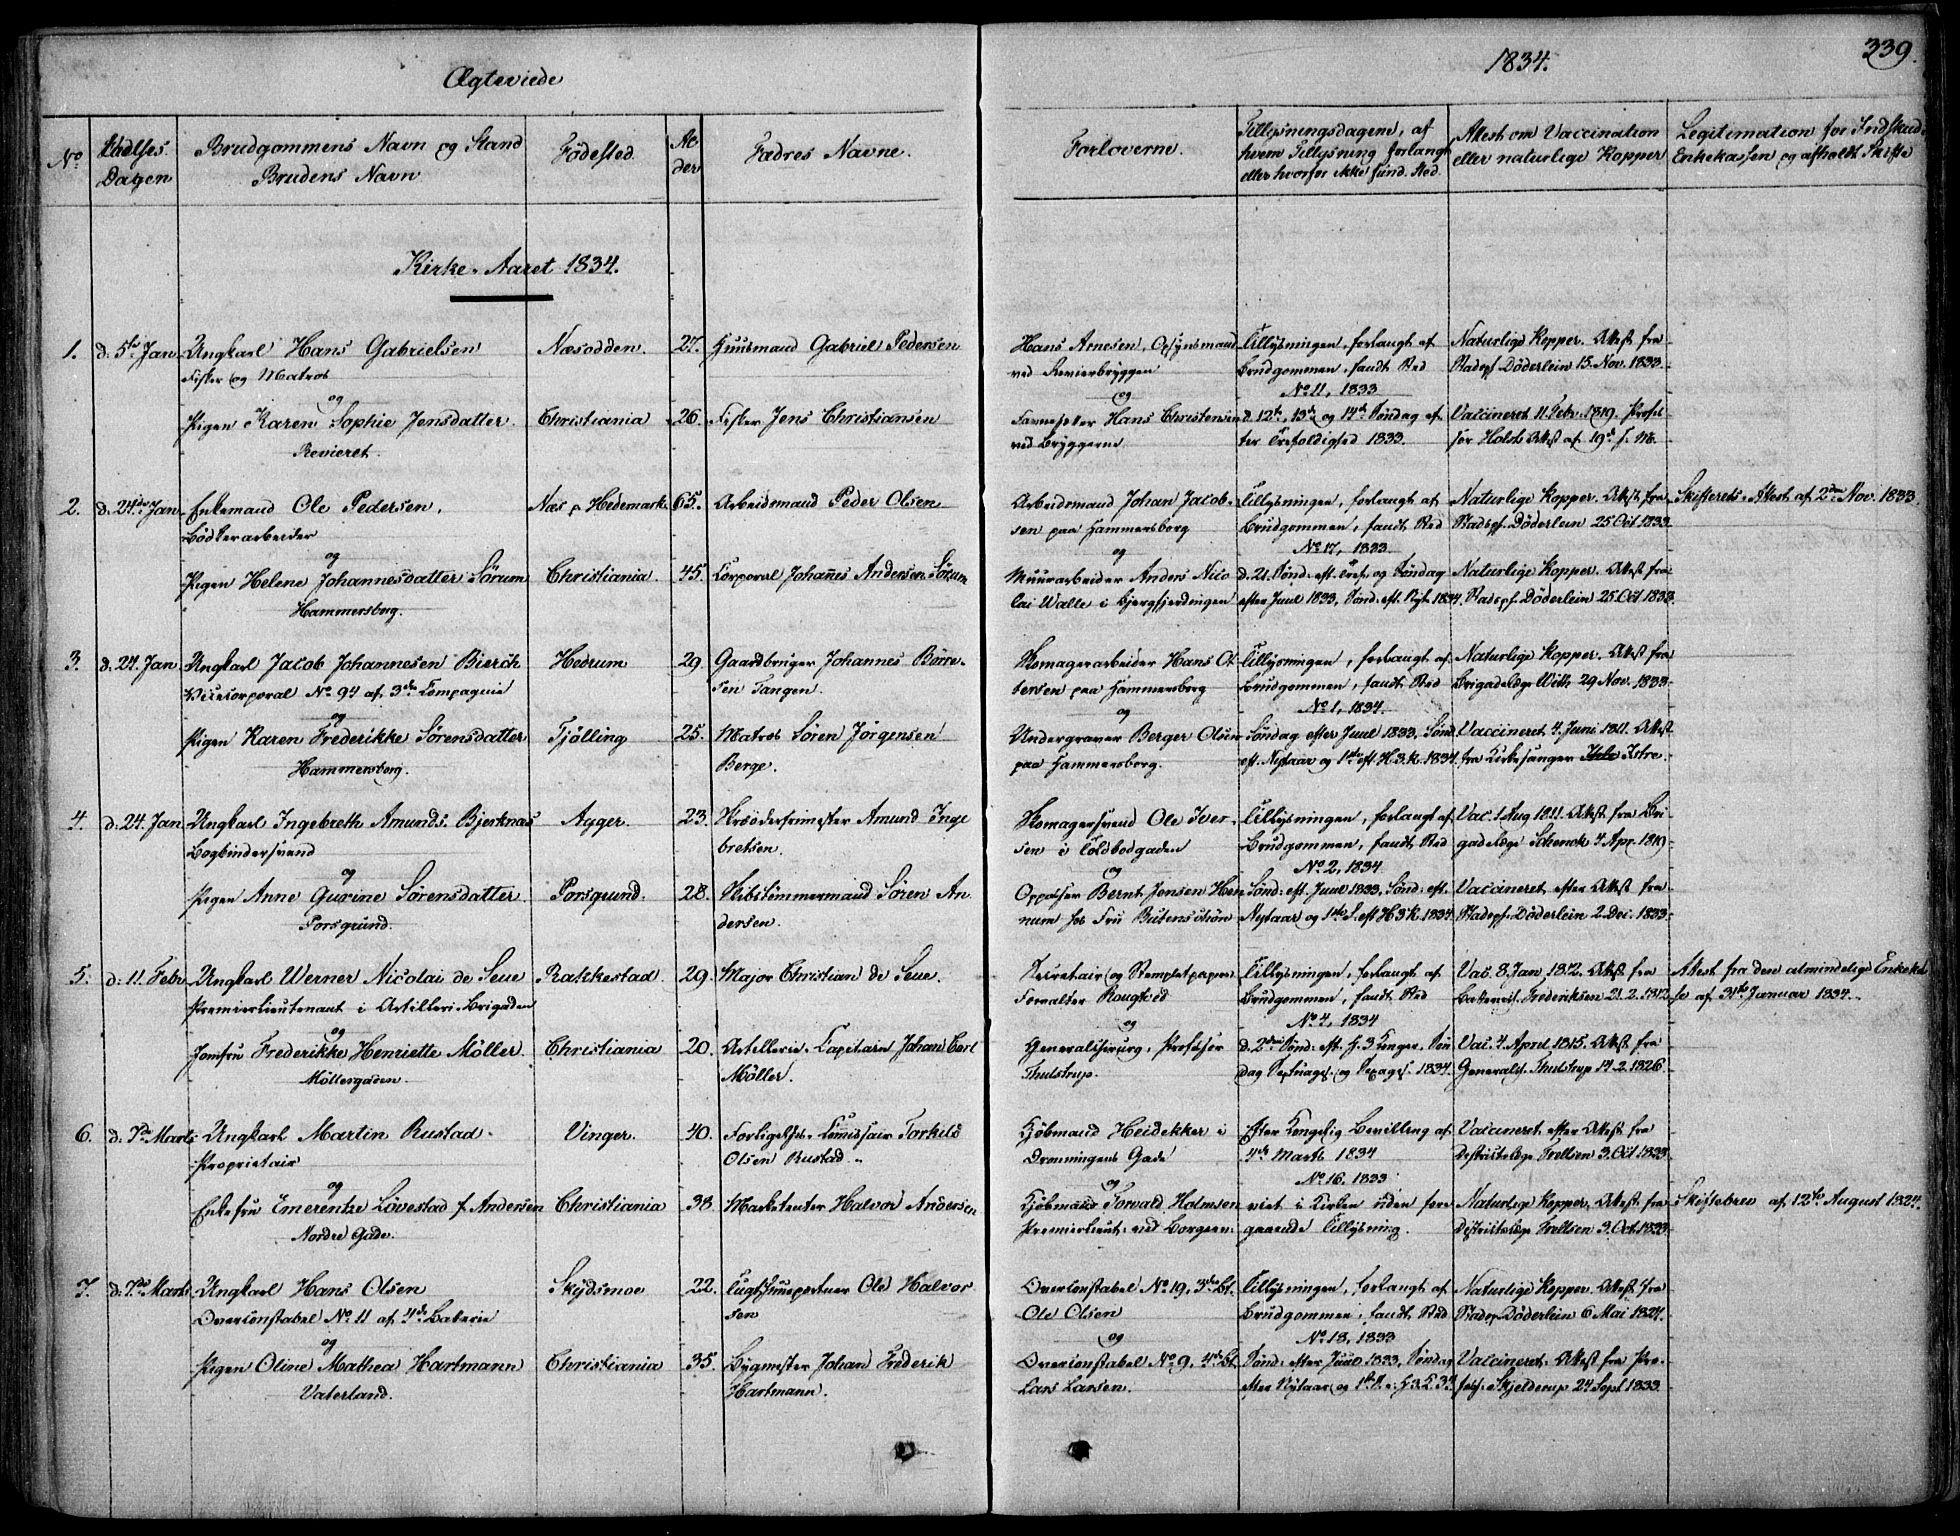 SAO, Garnisonsmenigheten Kirkebøker, F/Fa/L0006: Ministerialbok nr. 6, 1828-1841, s. 339